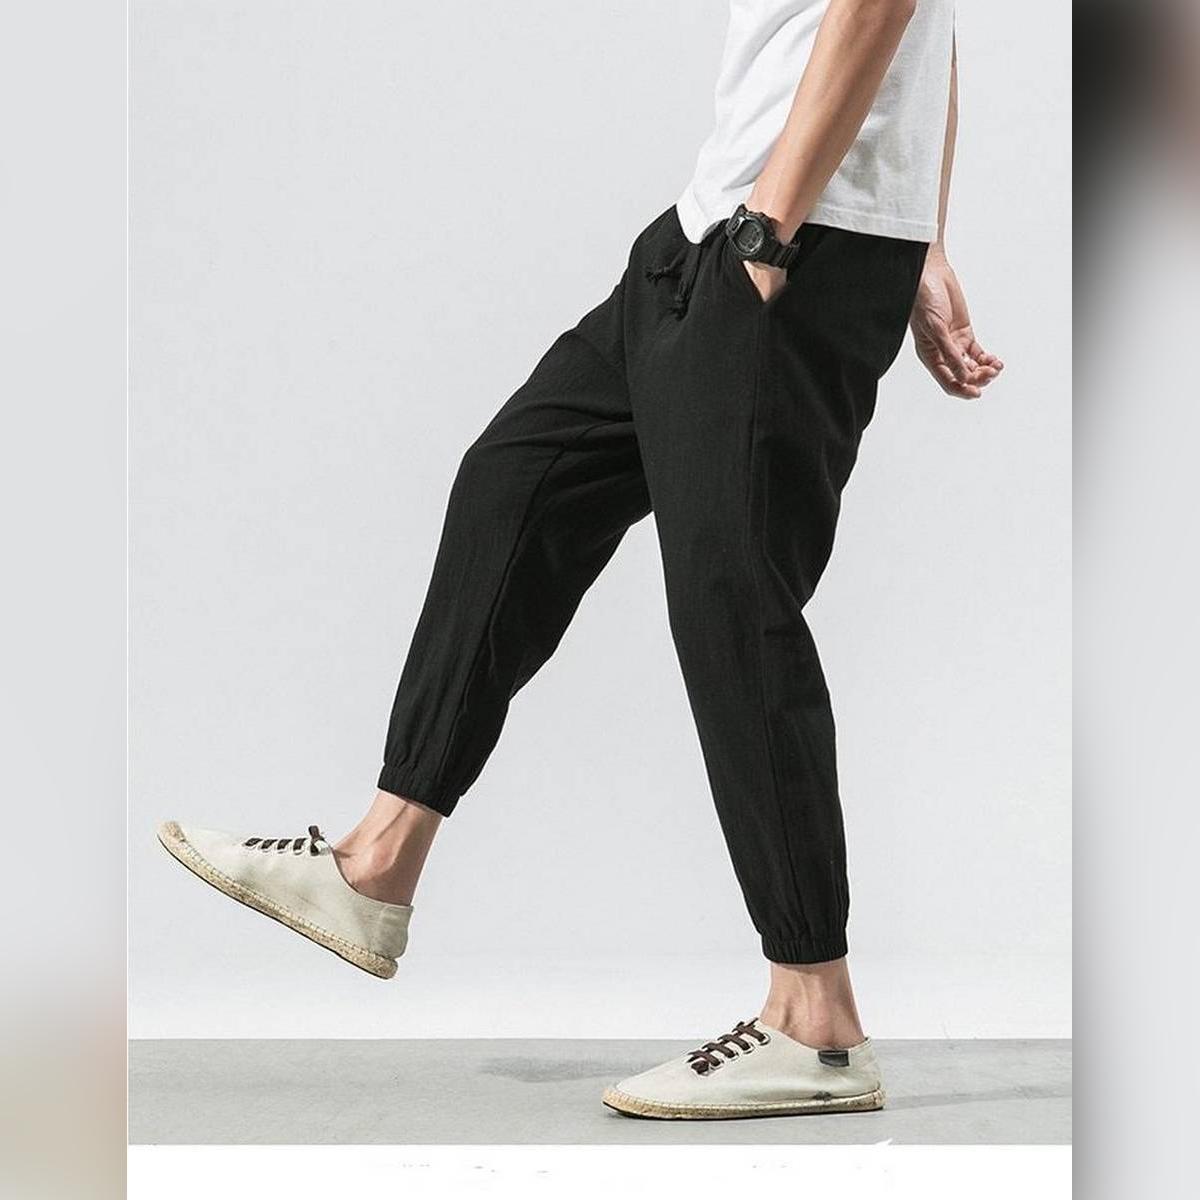 New Fashion Mens Casual Sport Pants Cotton Linen Baggy Bottoms Harem Trousers Slack